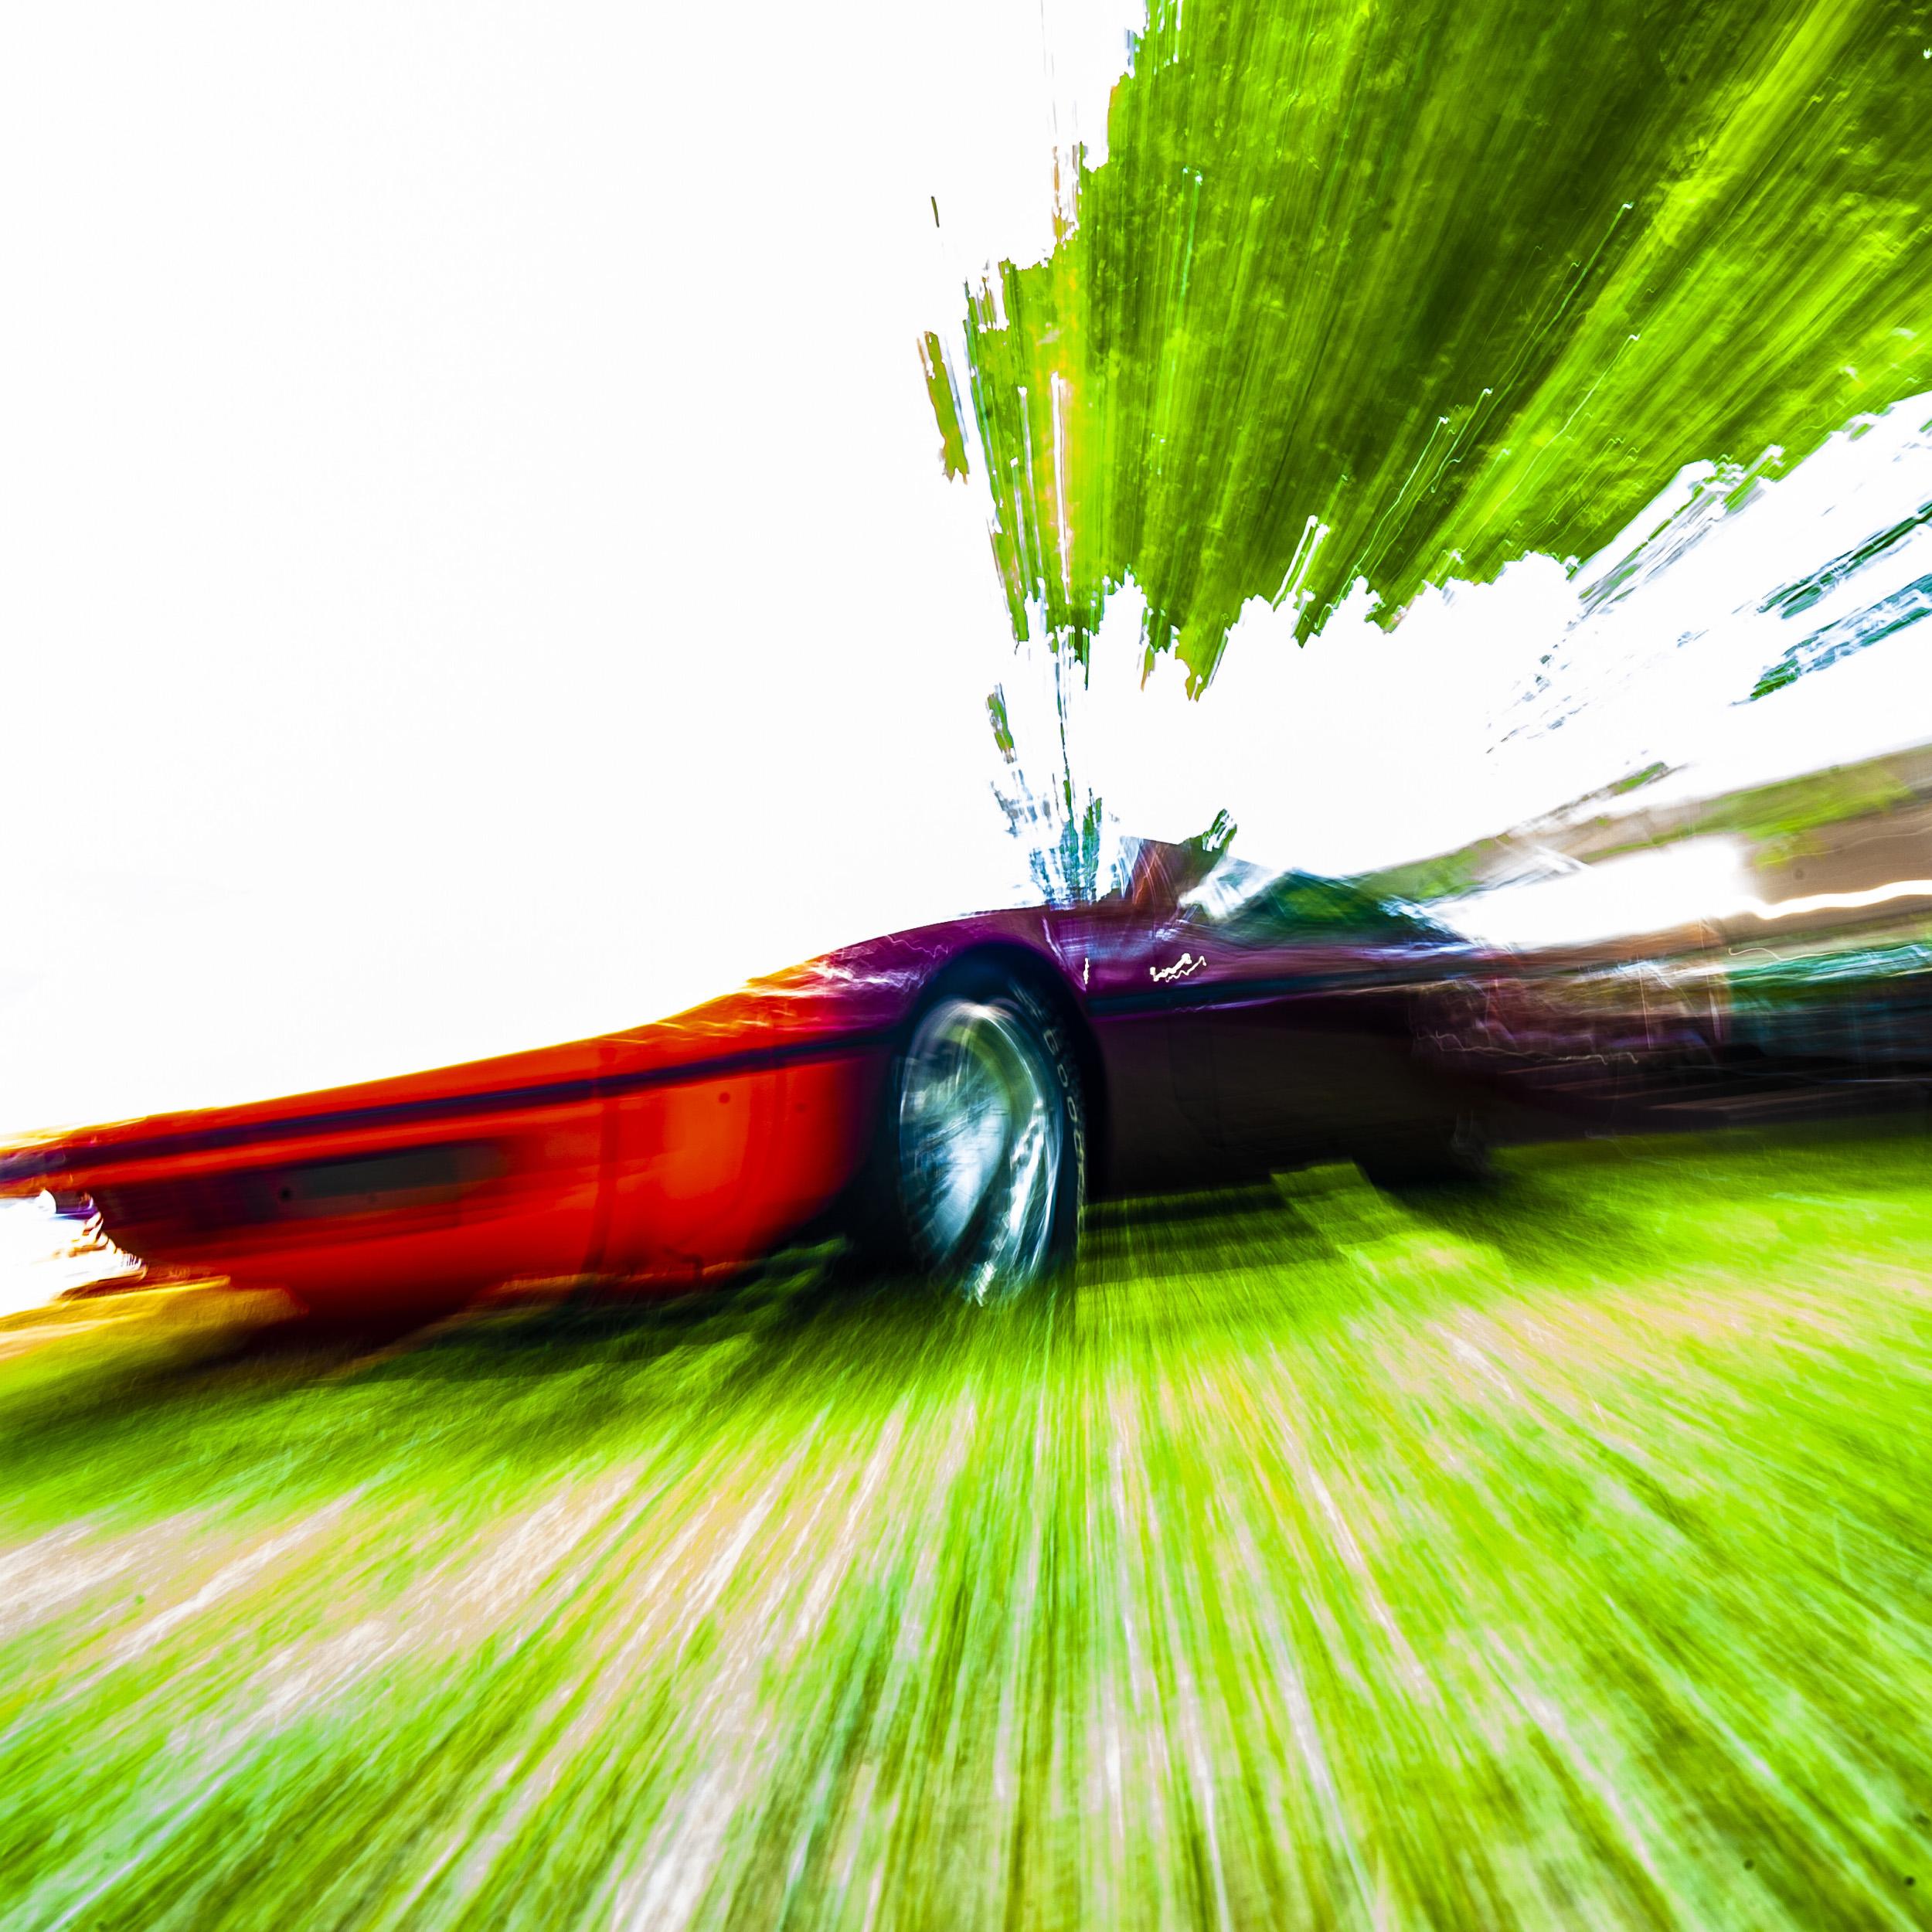 Car Storm    (Cat N° 7193)